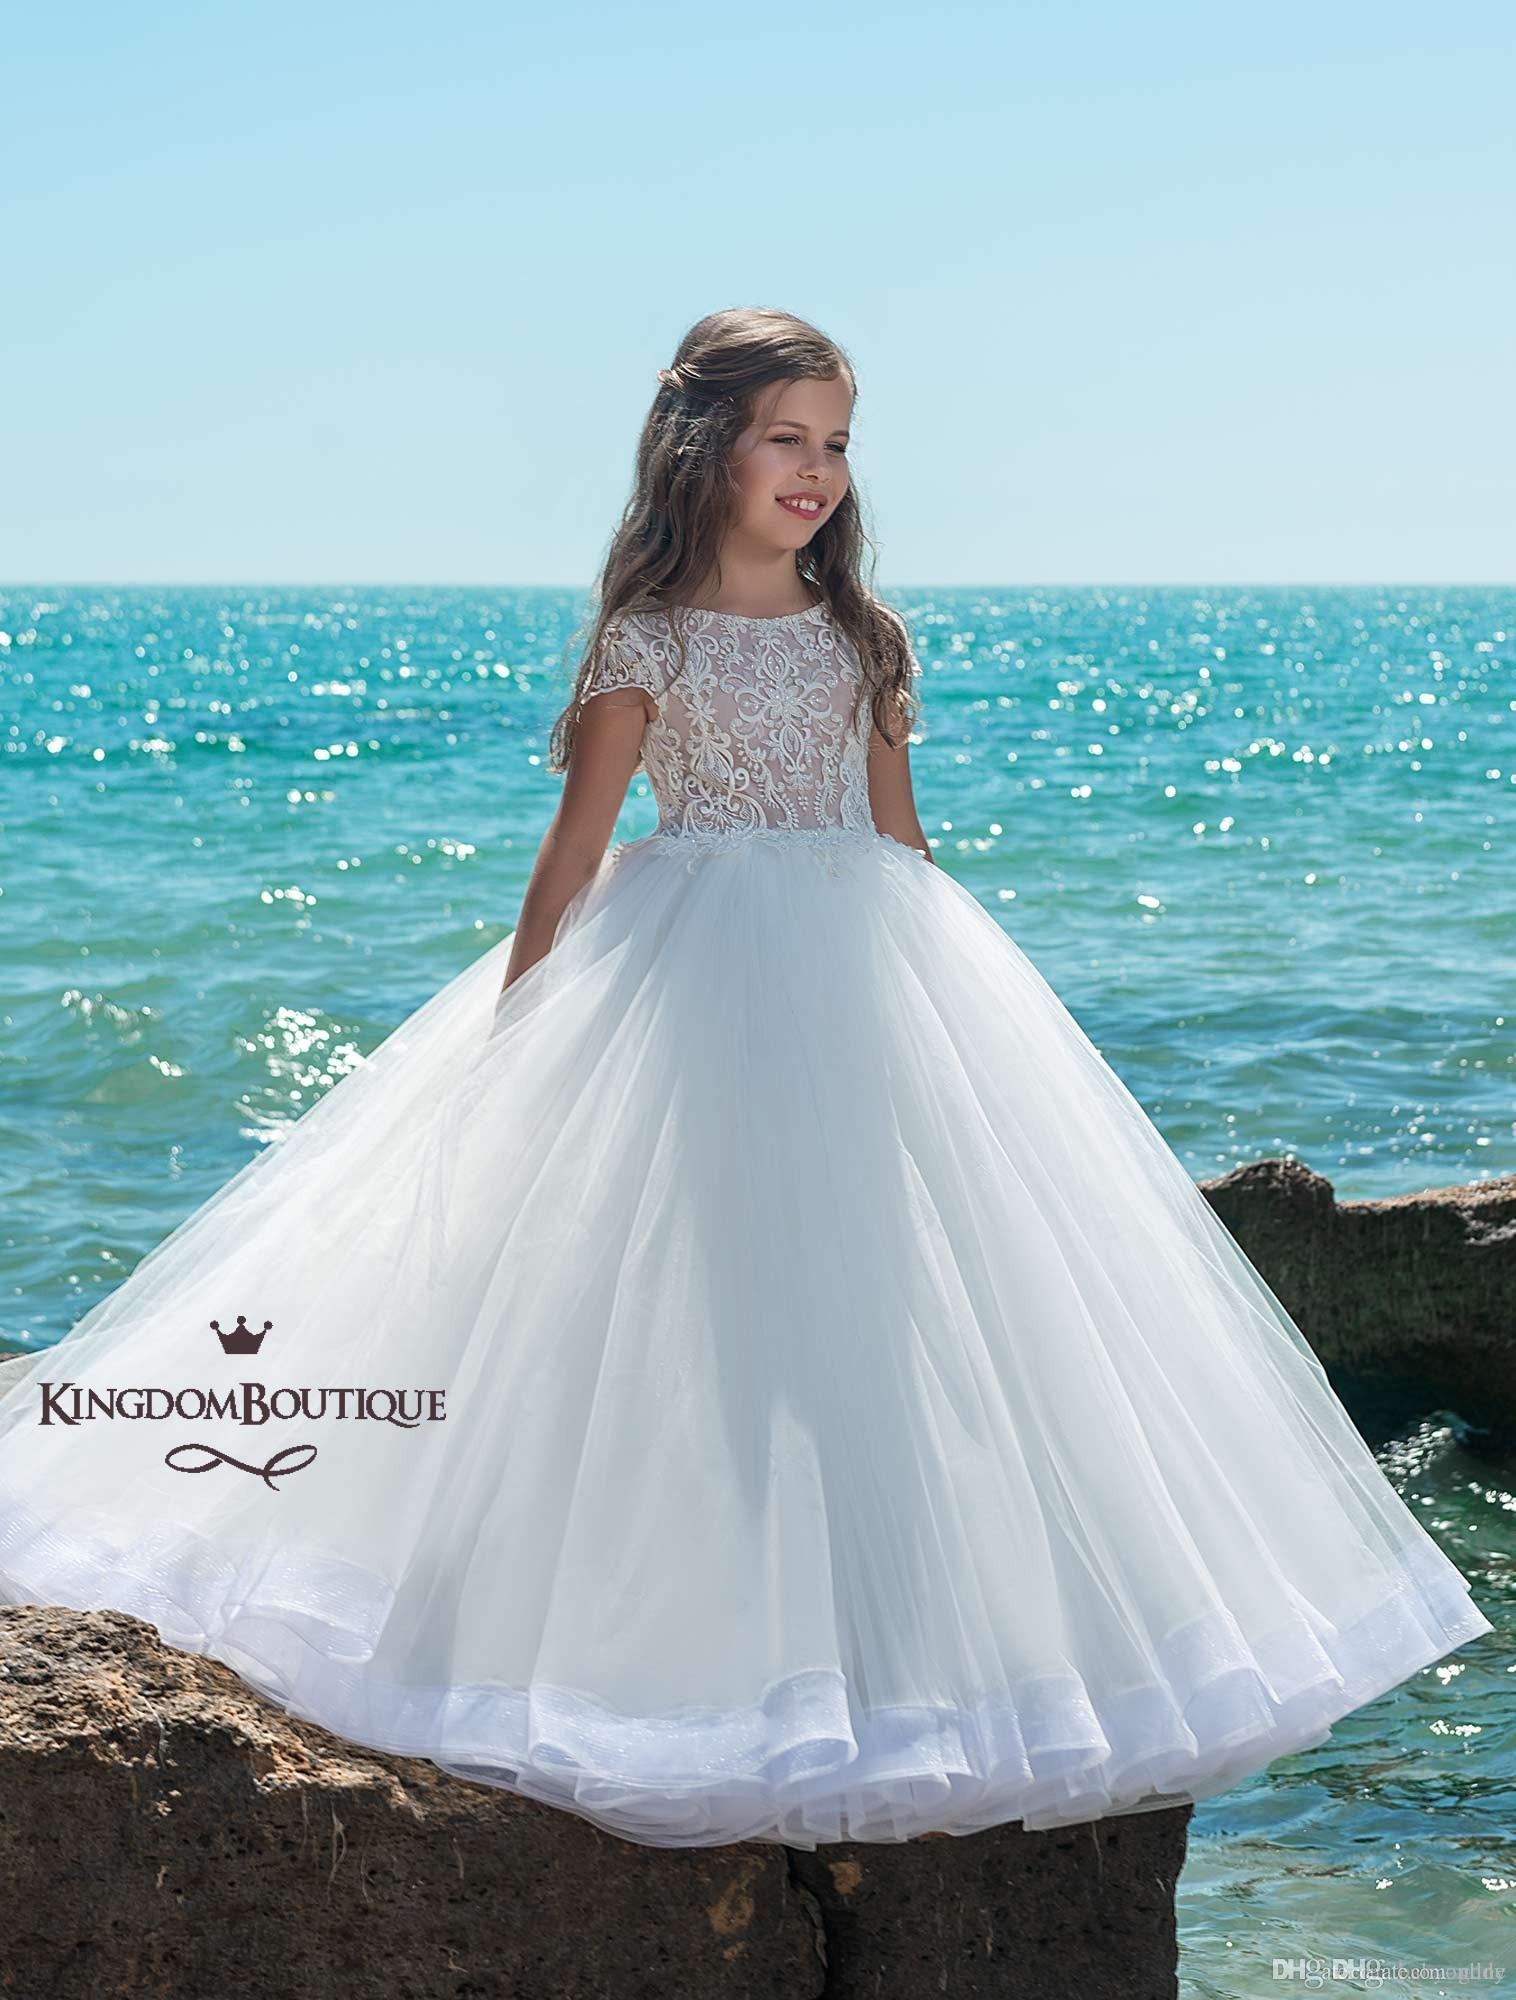 Katmanlı Plaj Çiçek Kız Elbise A Hattı Jewel Cap Sleeve Sweep Tren Kızlar Pageant elbise Ile Dantel Aplike Boncuk Düğün Için parti